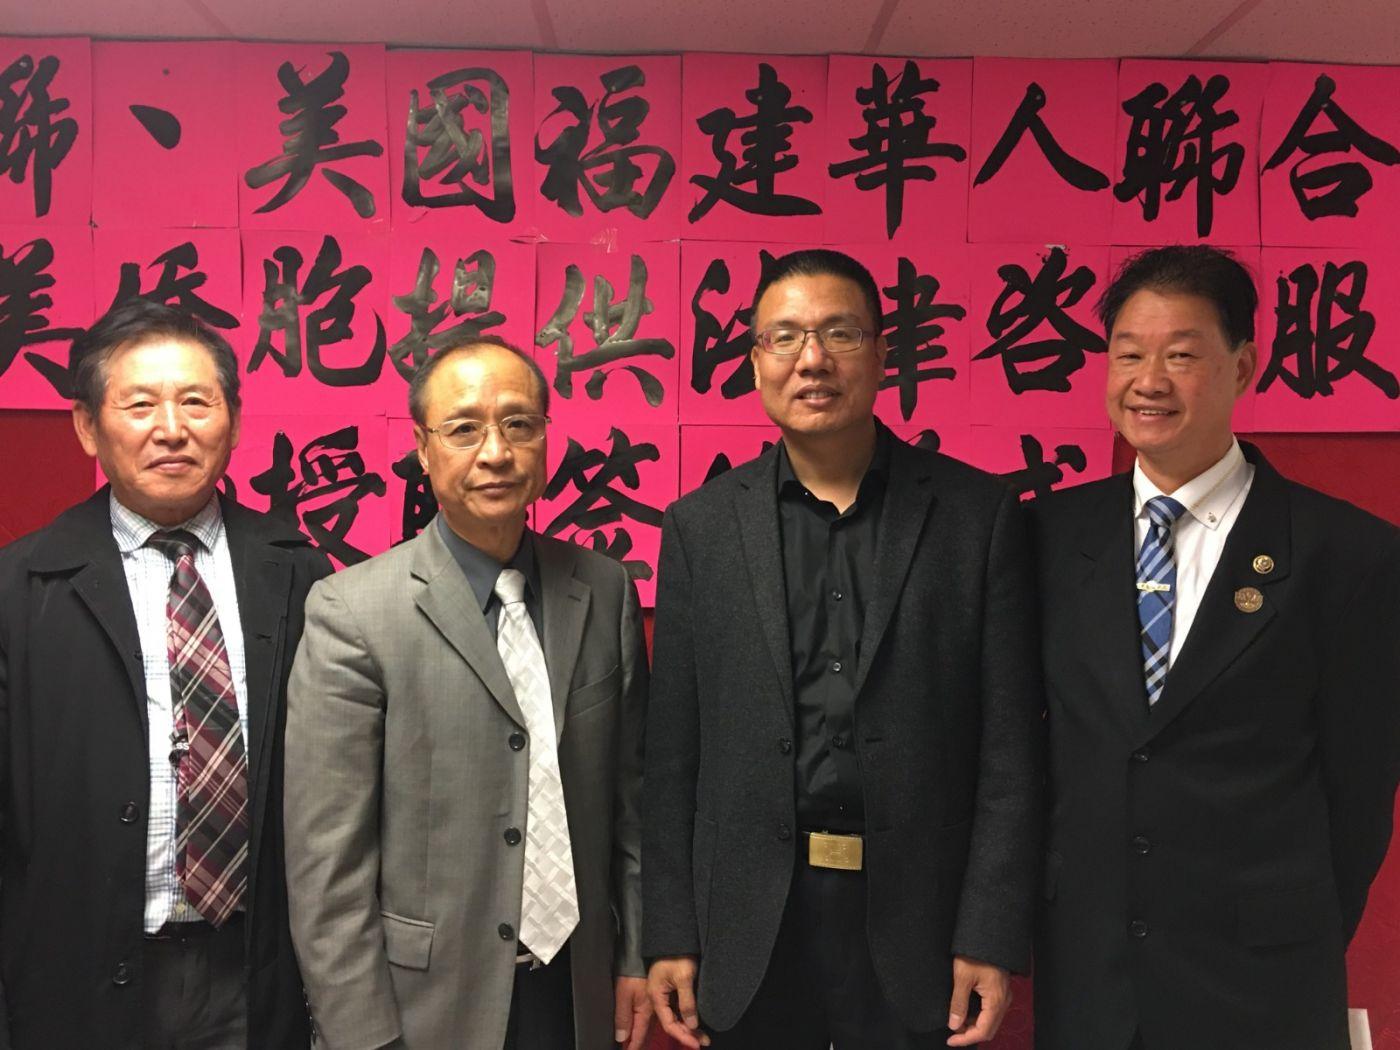 美国福建华人联合会欢迎福州市侨联主席蓝桂兰访美代表团一行 ... ..._图1-20